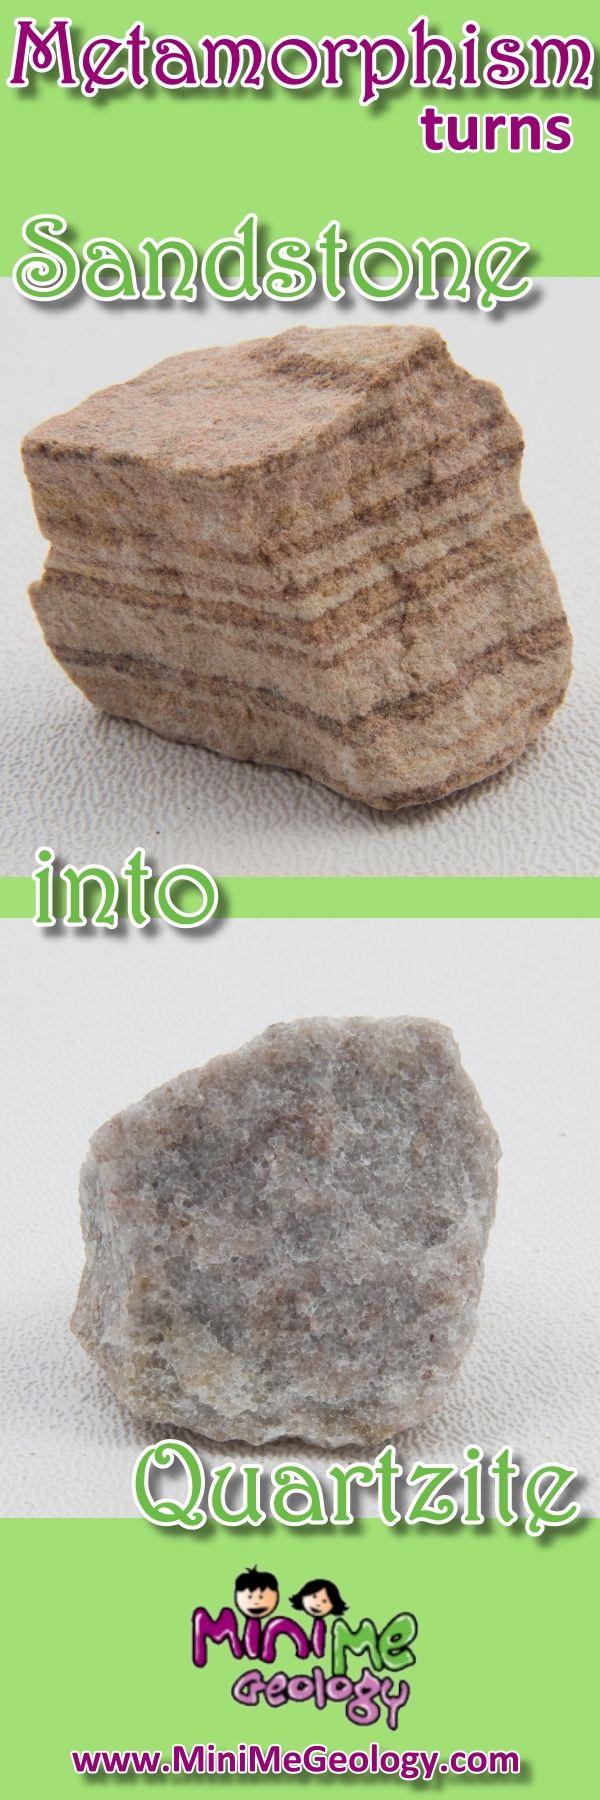 32 Best Metamorphic Rocks Images On Pinterest Metamorphic Rock